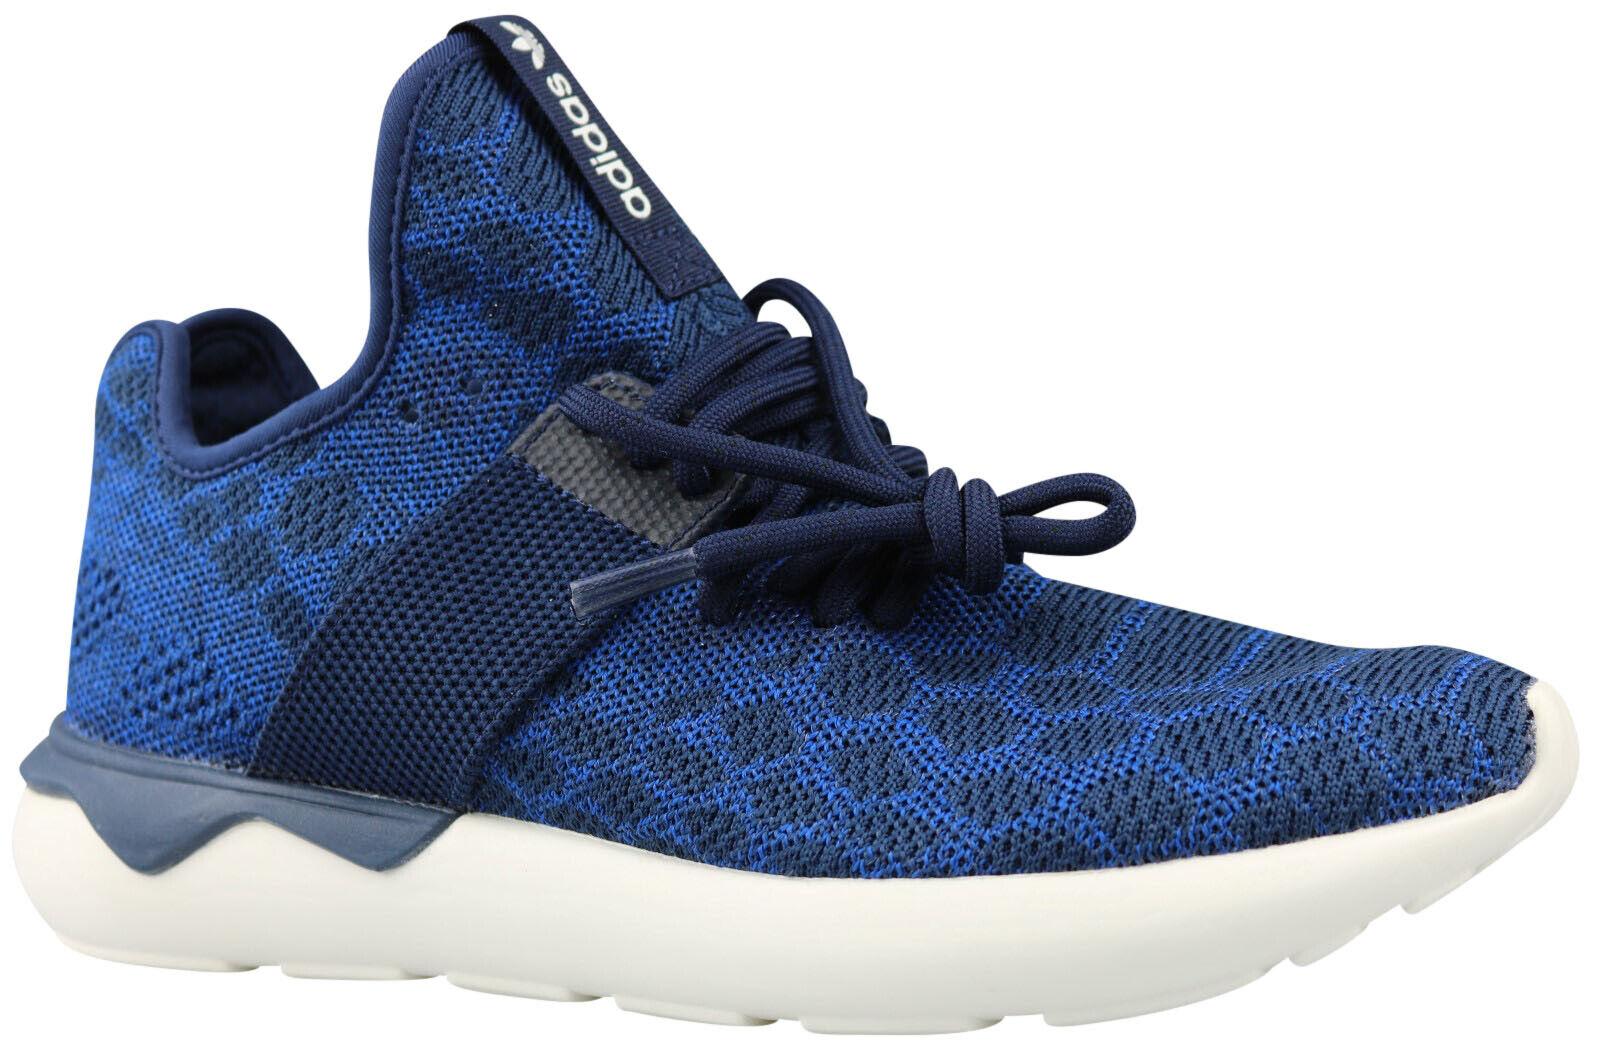 Adidas Originals Tubular Runner Primeknit Turnschuhe S81628 Gr. 40 - 44,5 NEU & OVP